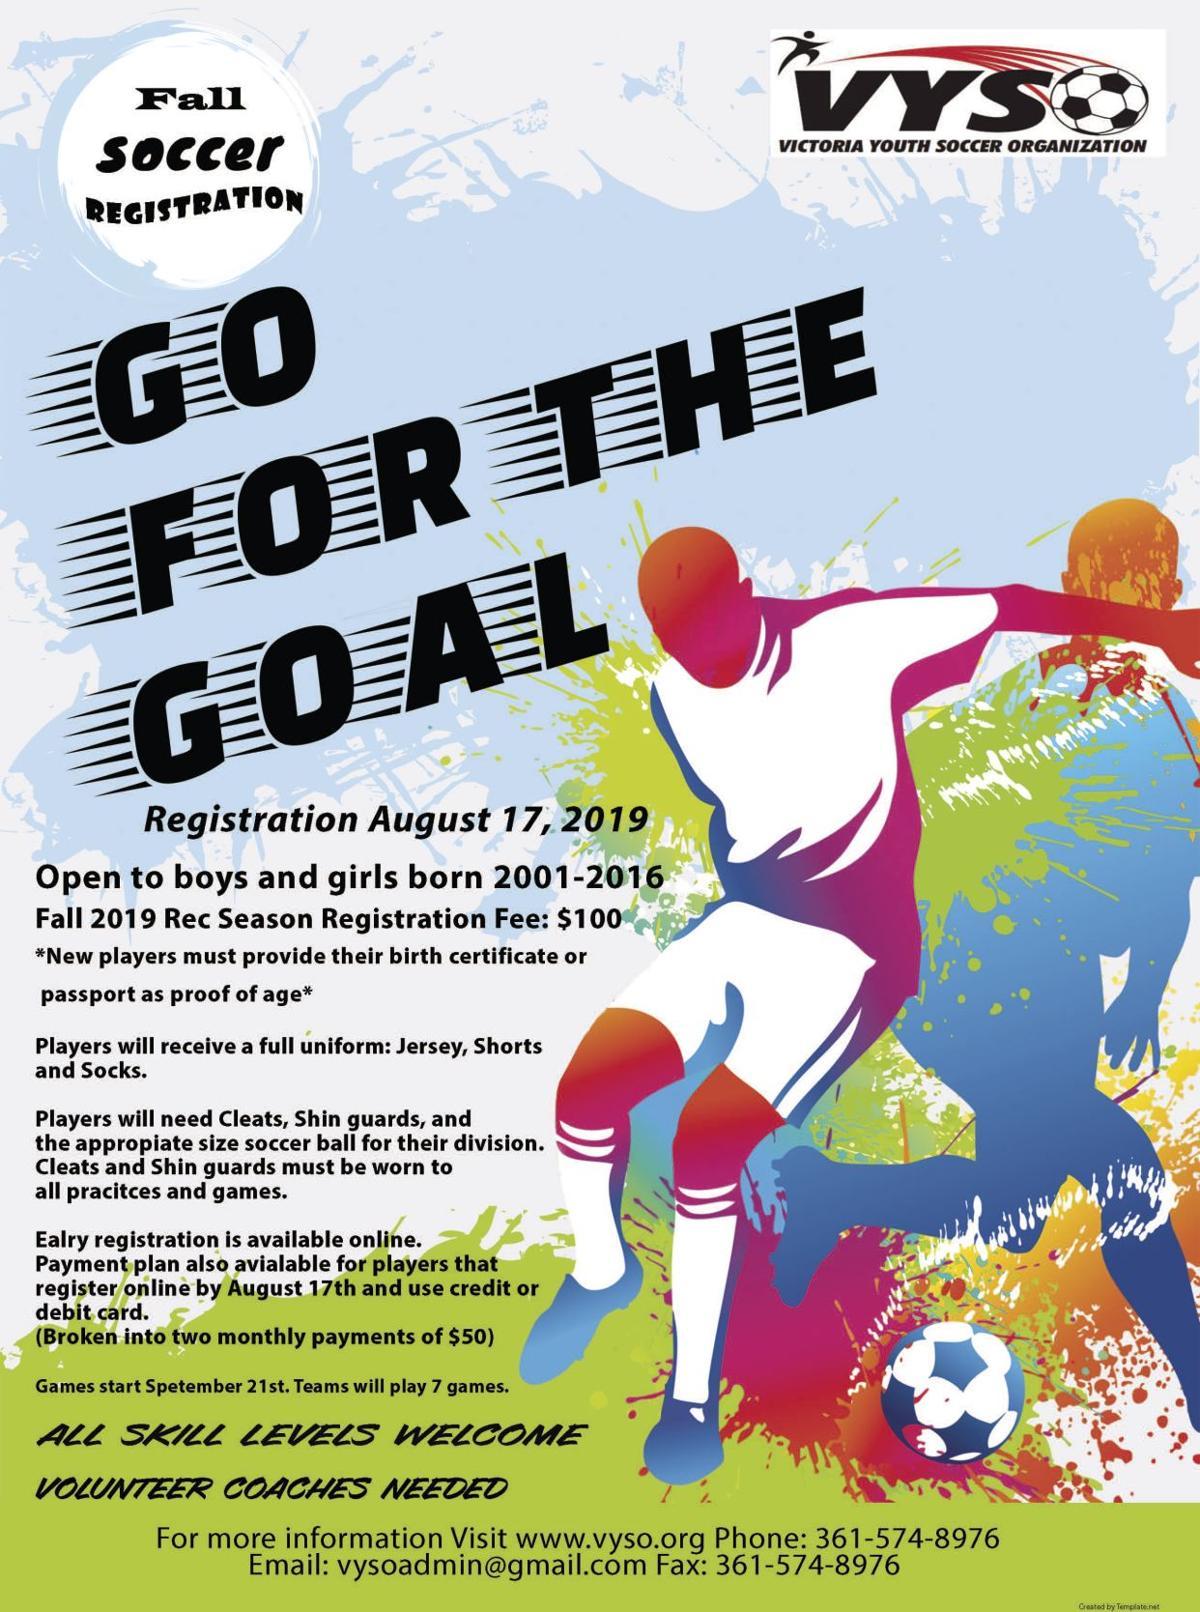 VYSO Fall 2019 REC Soccer